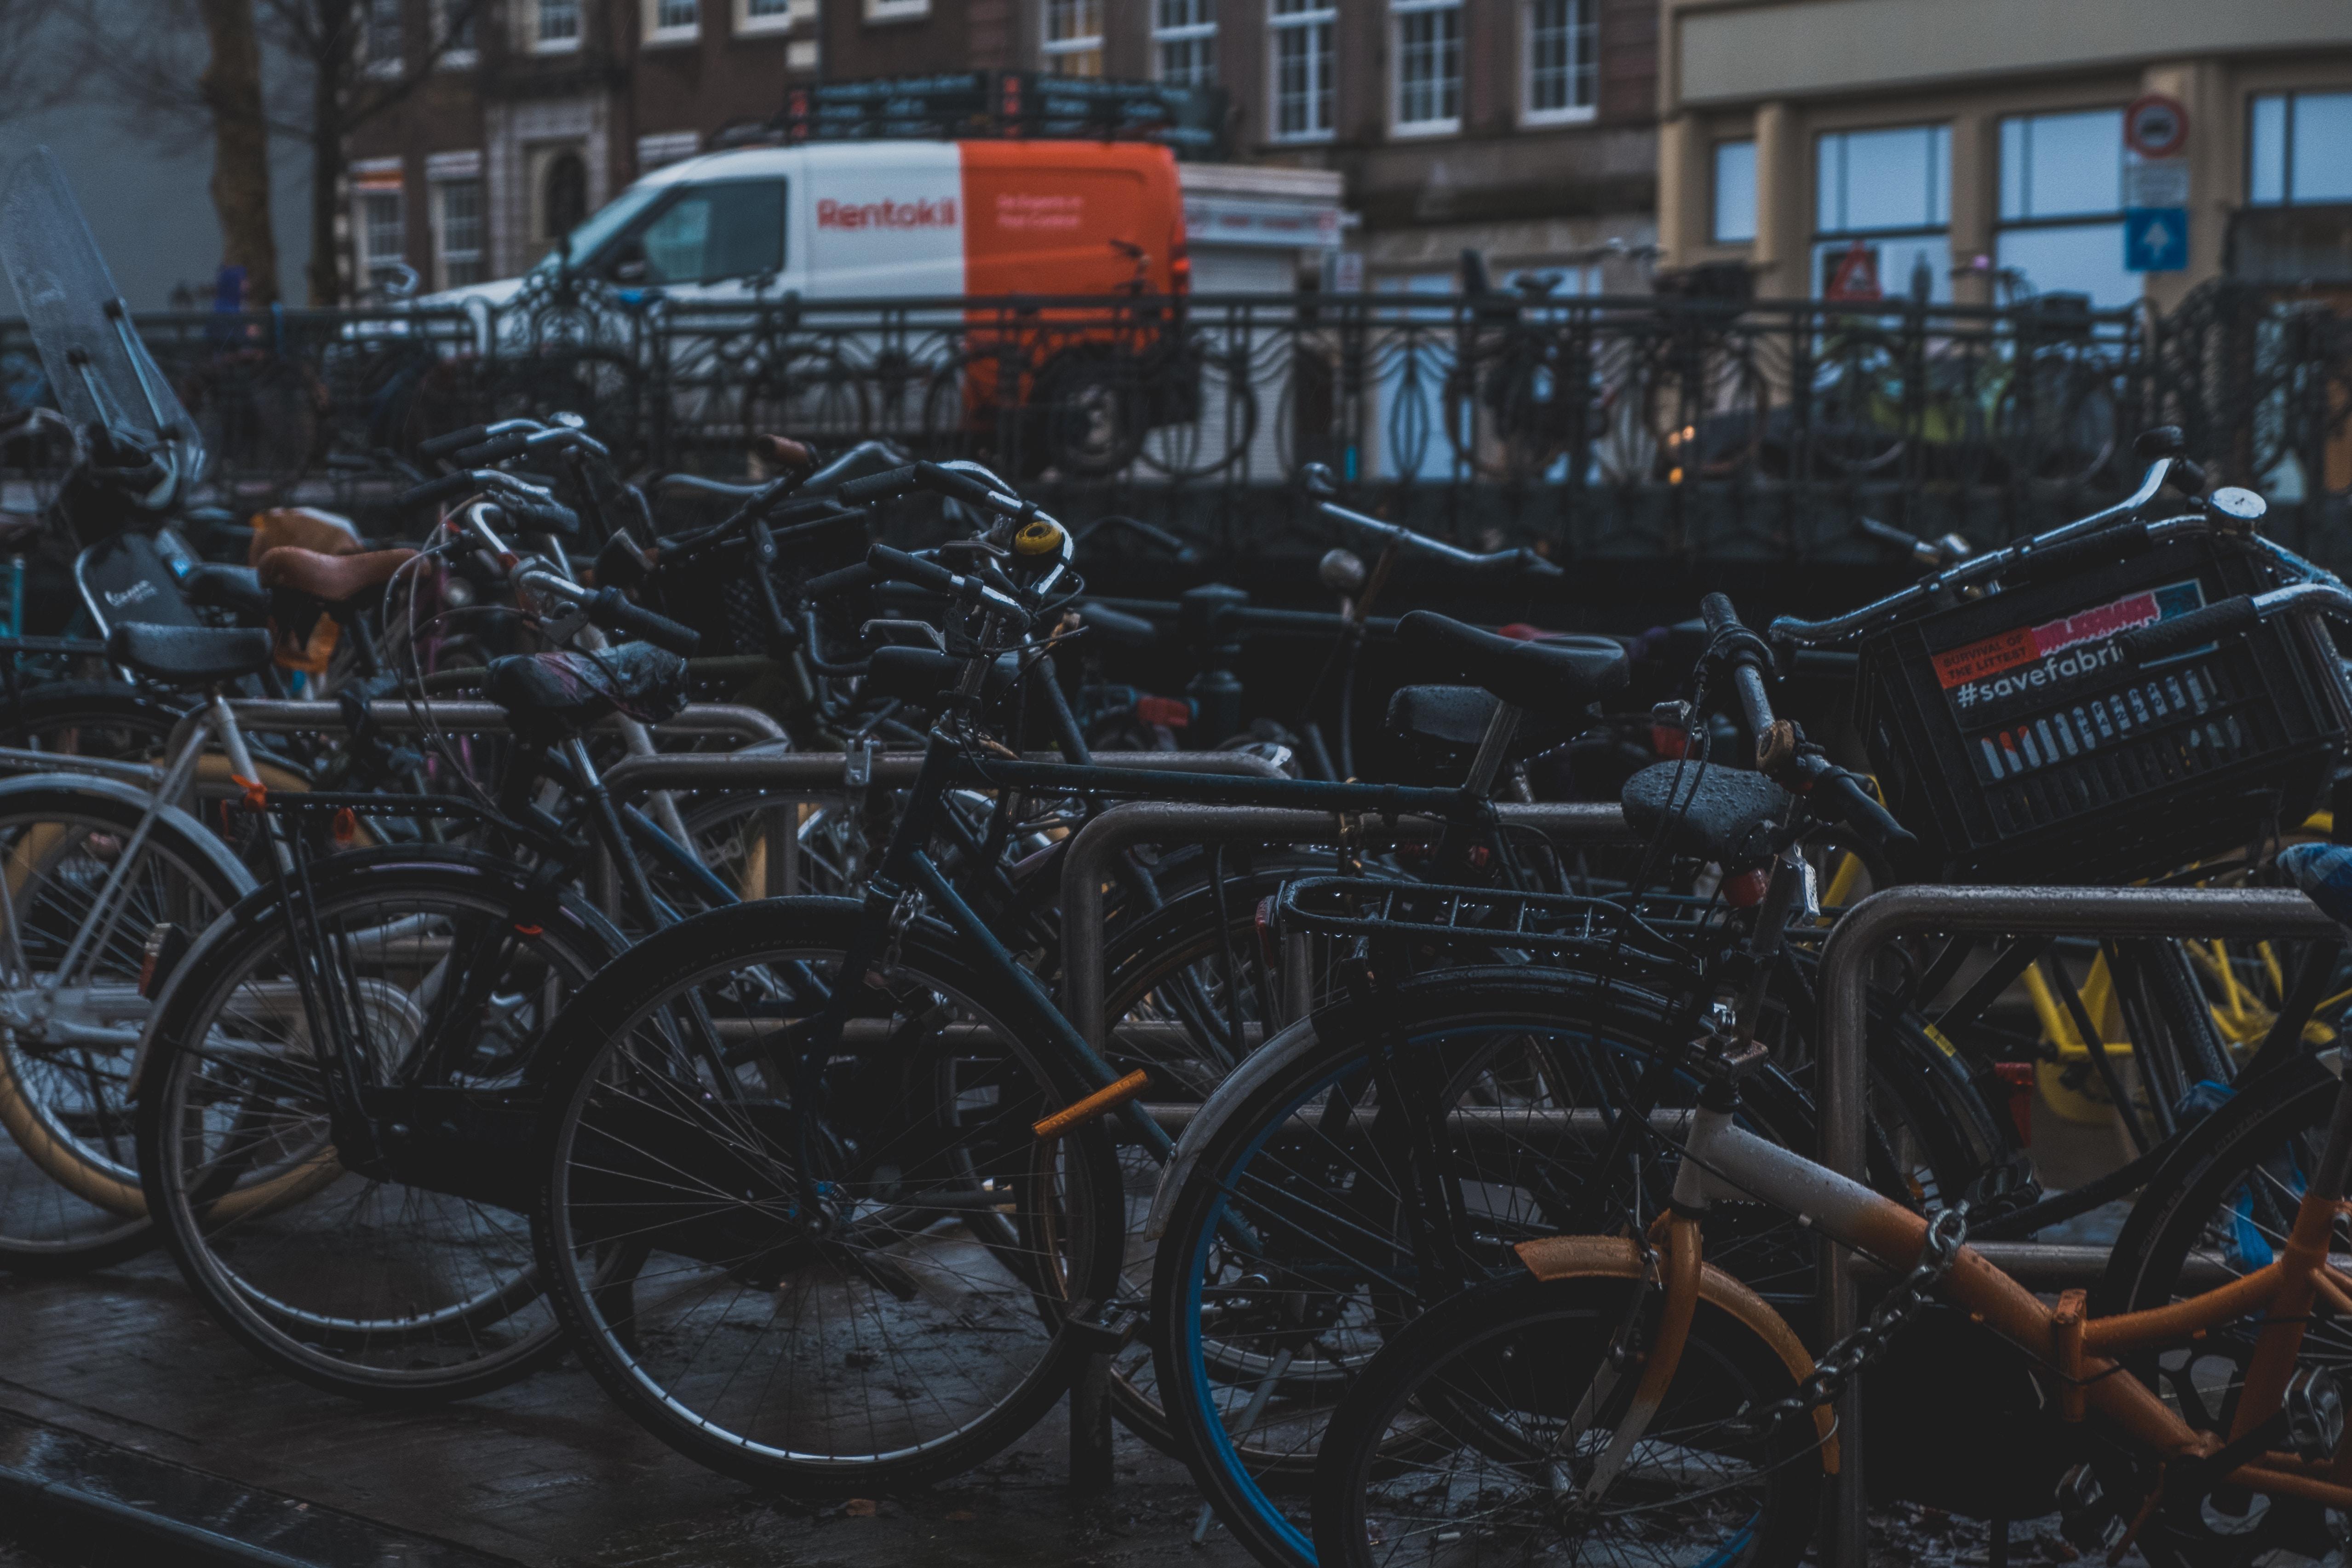 bicycle lot during daytime